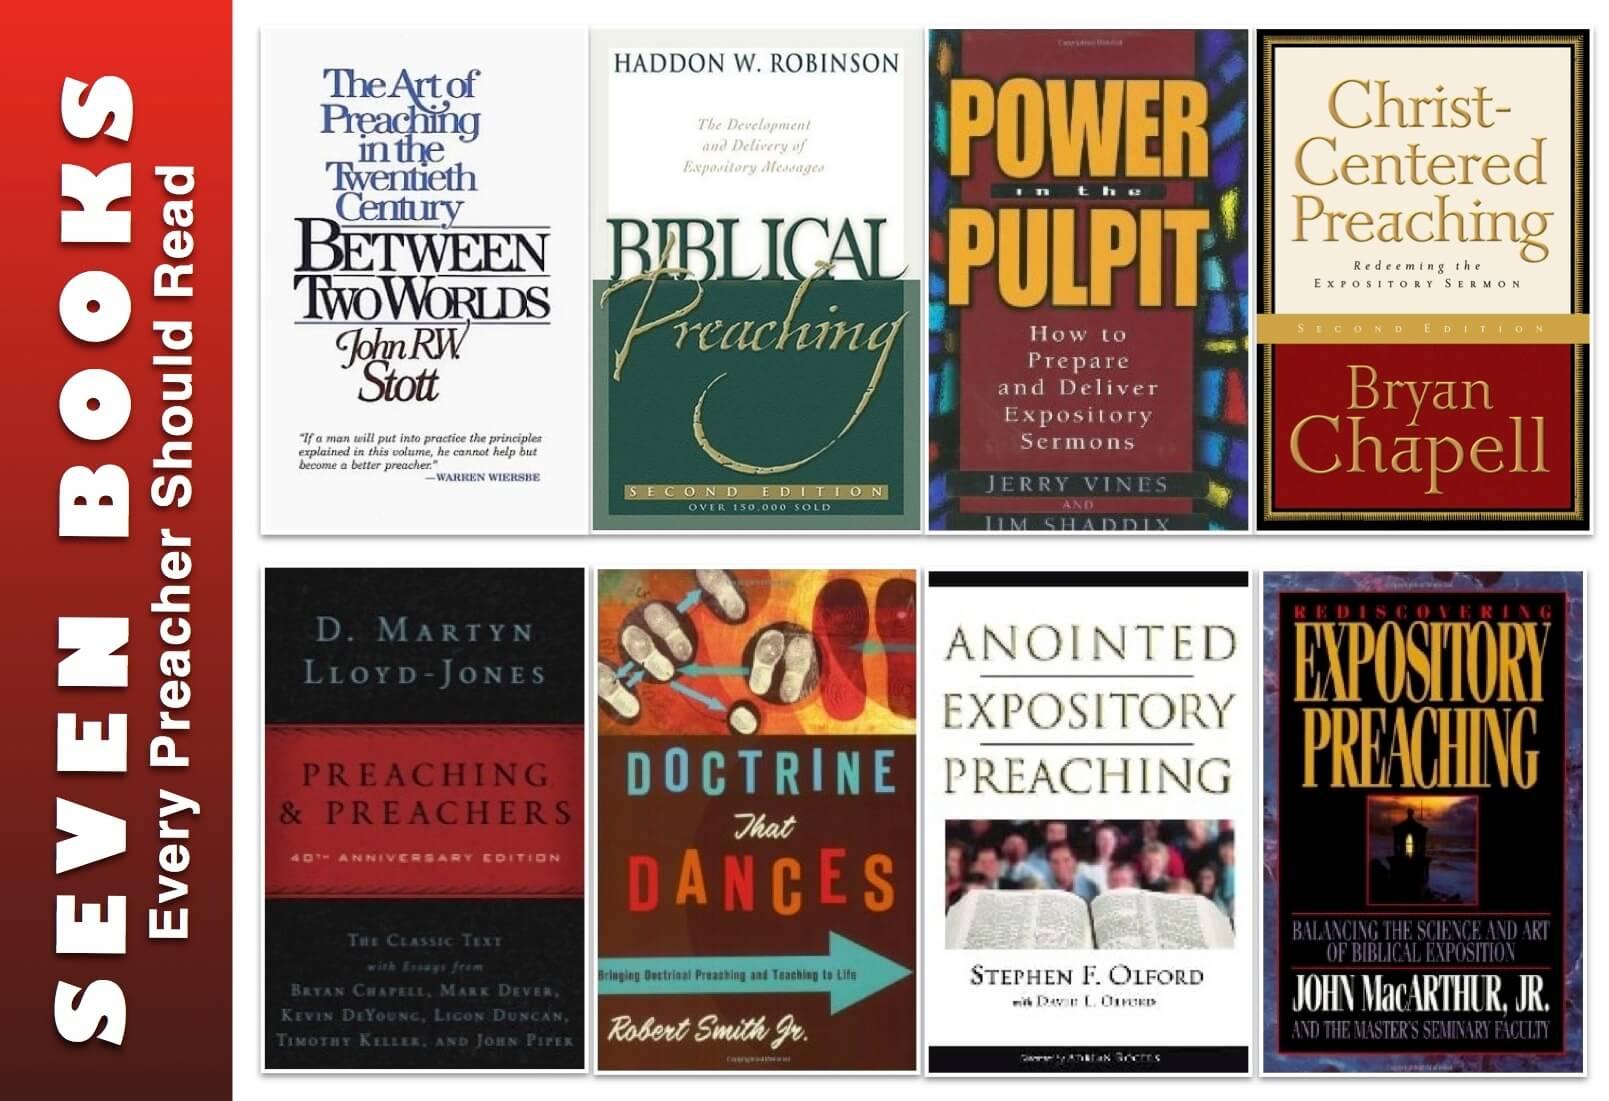 7a books